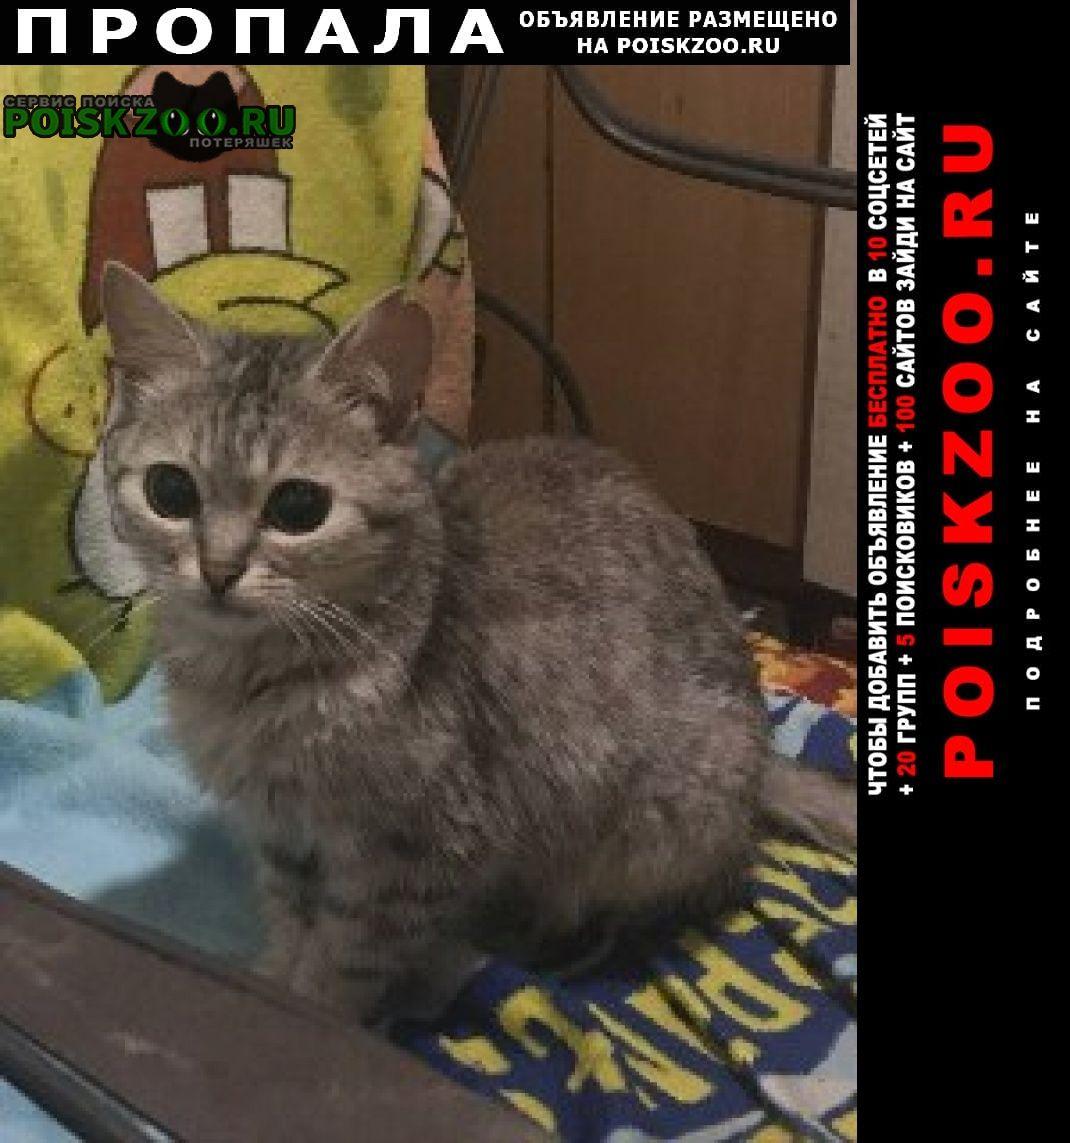 Пропала кошка Днепропетровск